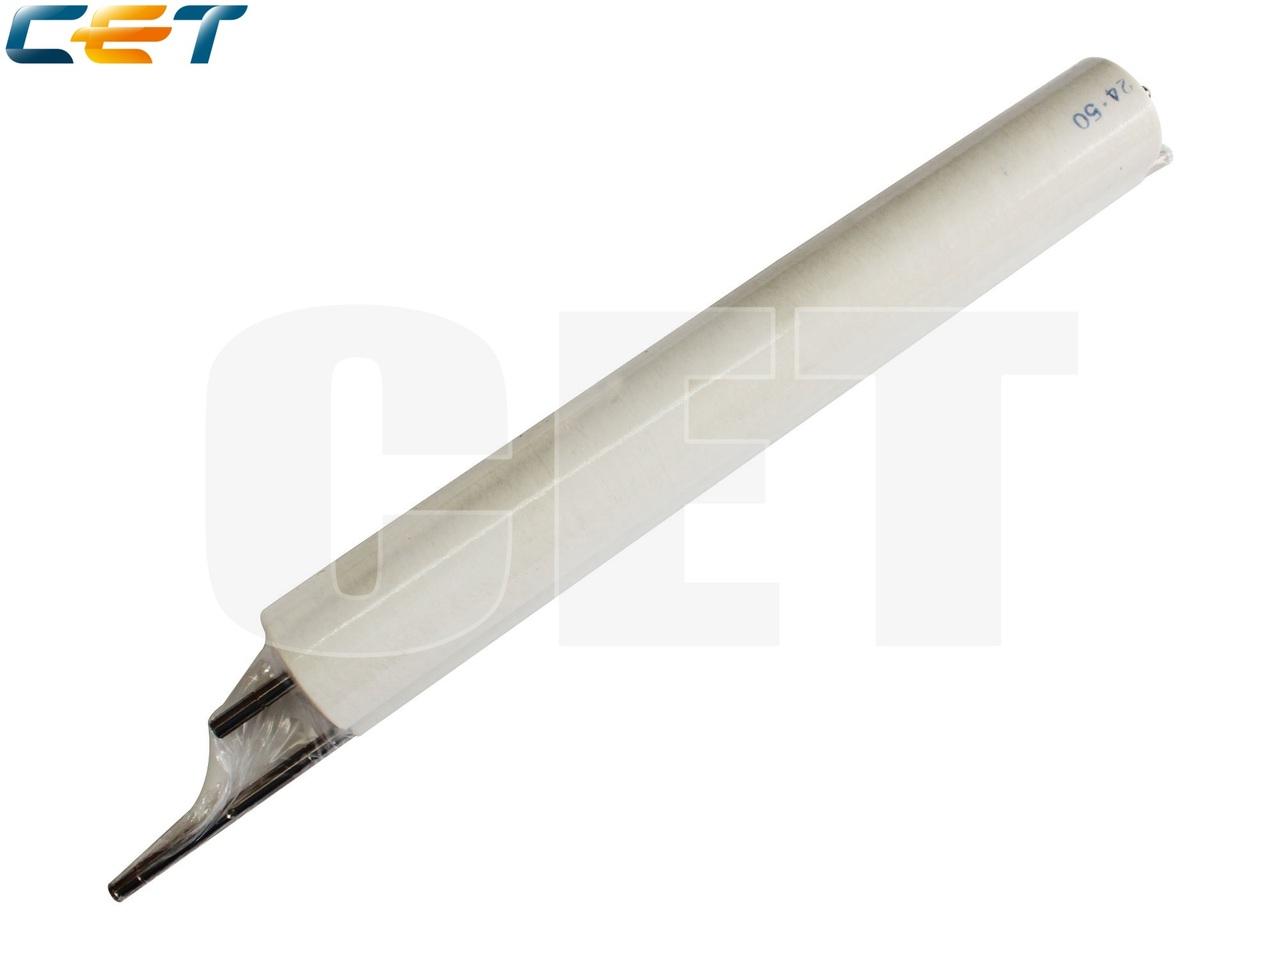 Чистящая лента фьюзера 6LE19372000 для TOSHIBA E-Studio555/655/755/855 (CET), CET6593